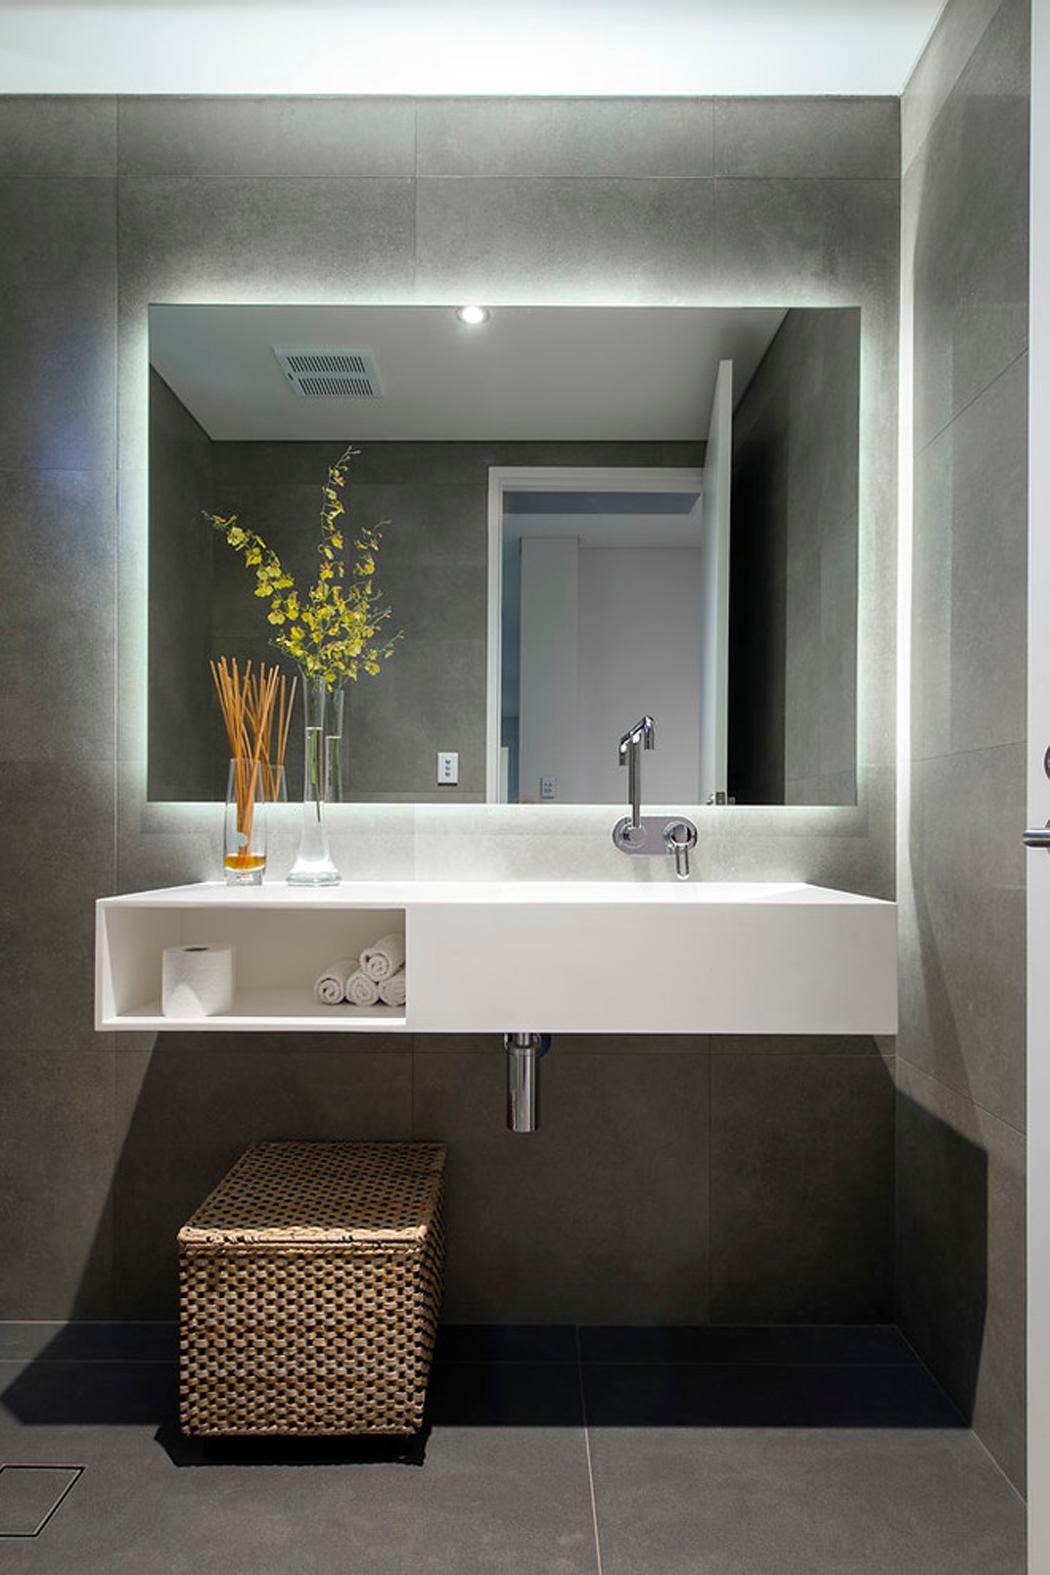 Banheiro com iluminação em LED atrás do espelho